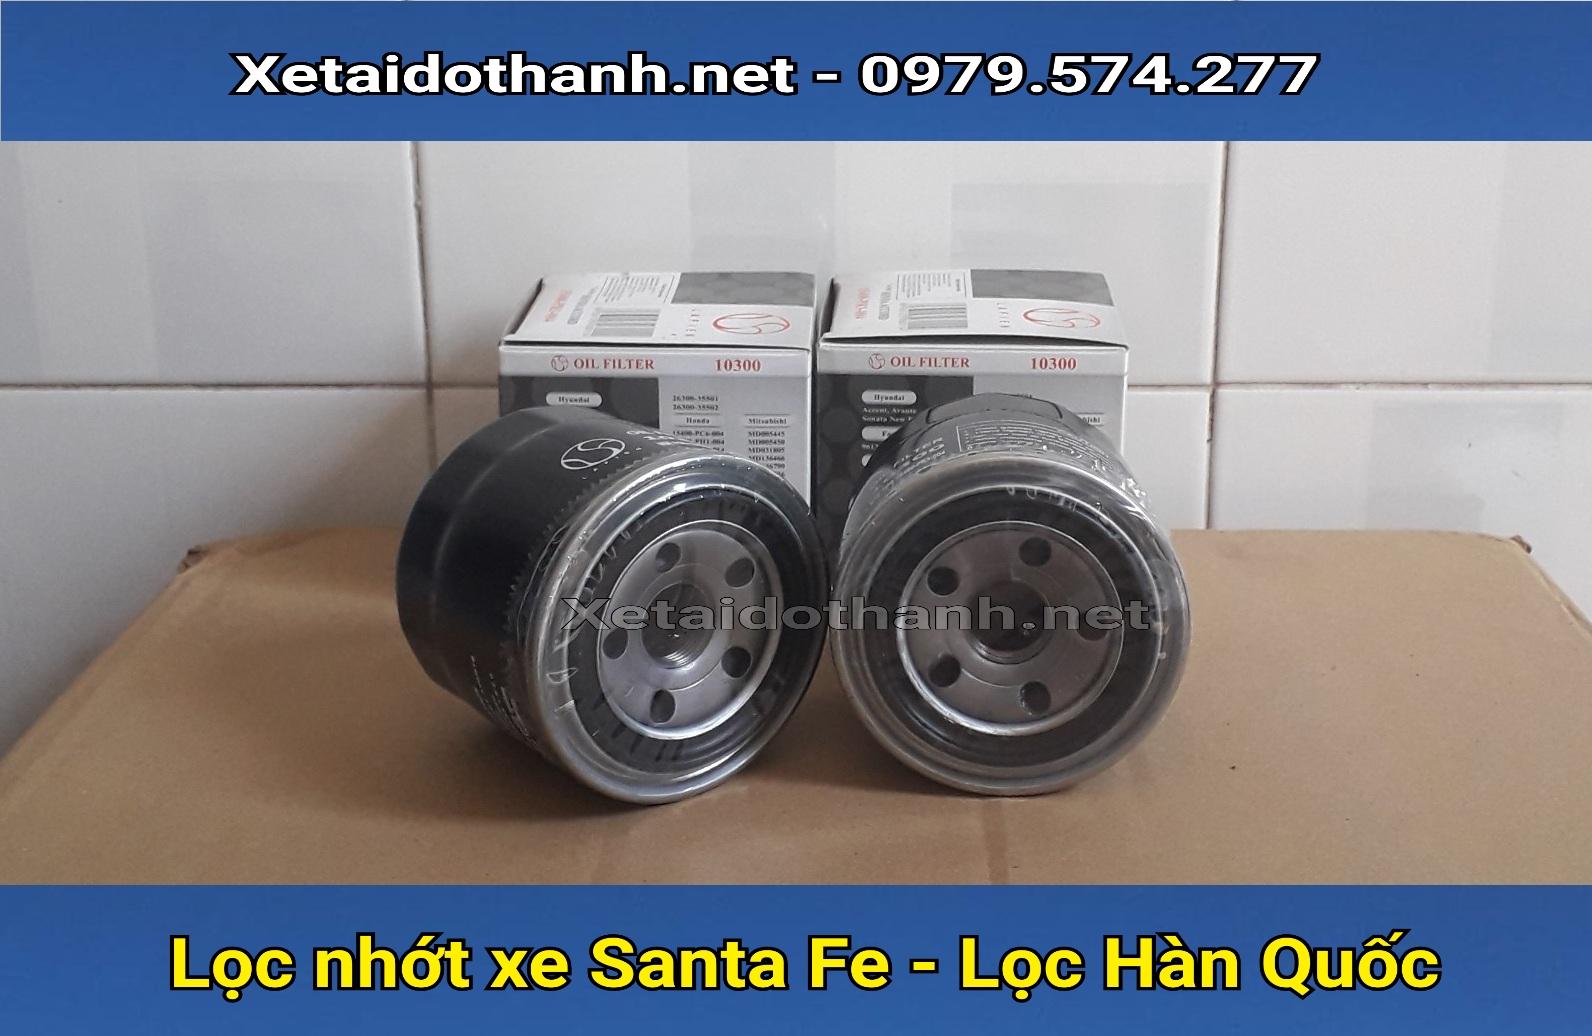 Lọc nhớt xe Hyudai Santa Fe chất lượng